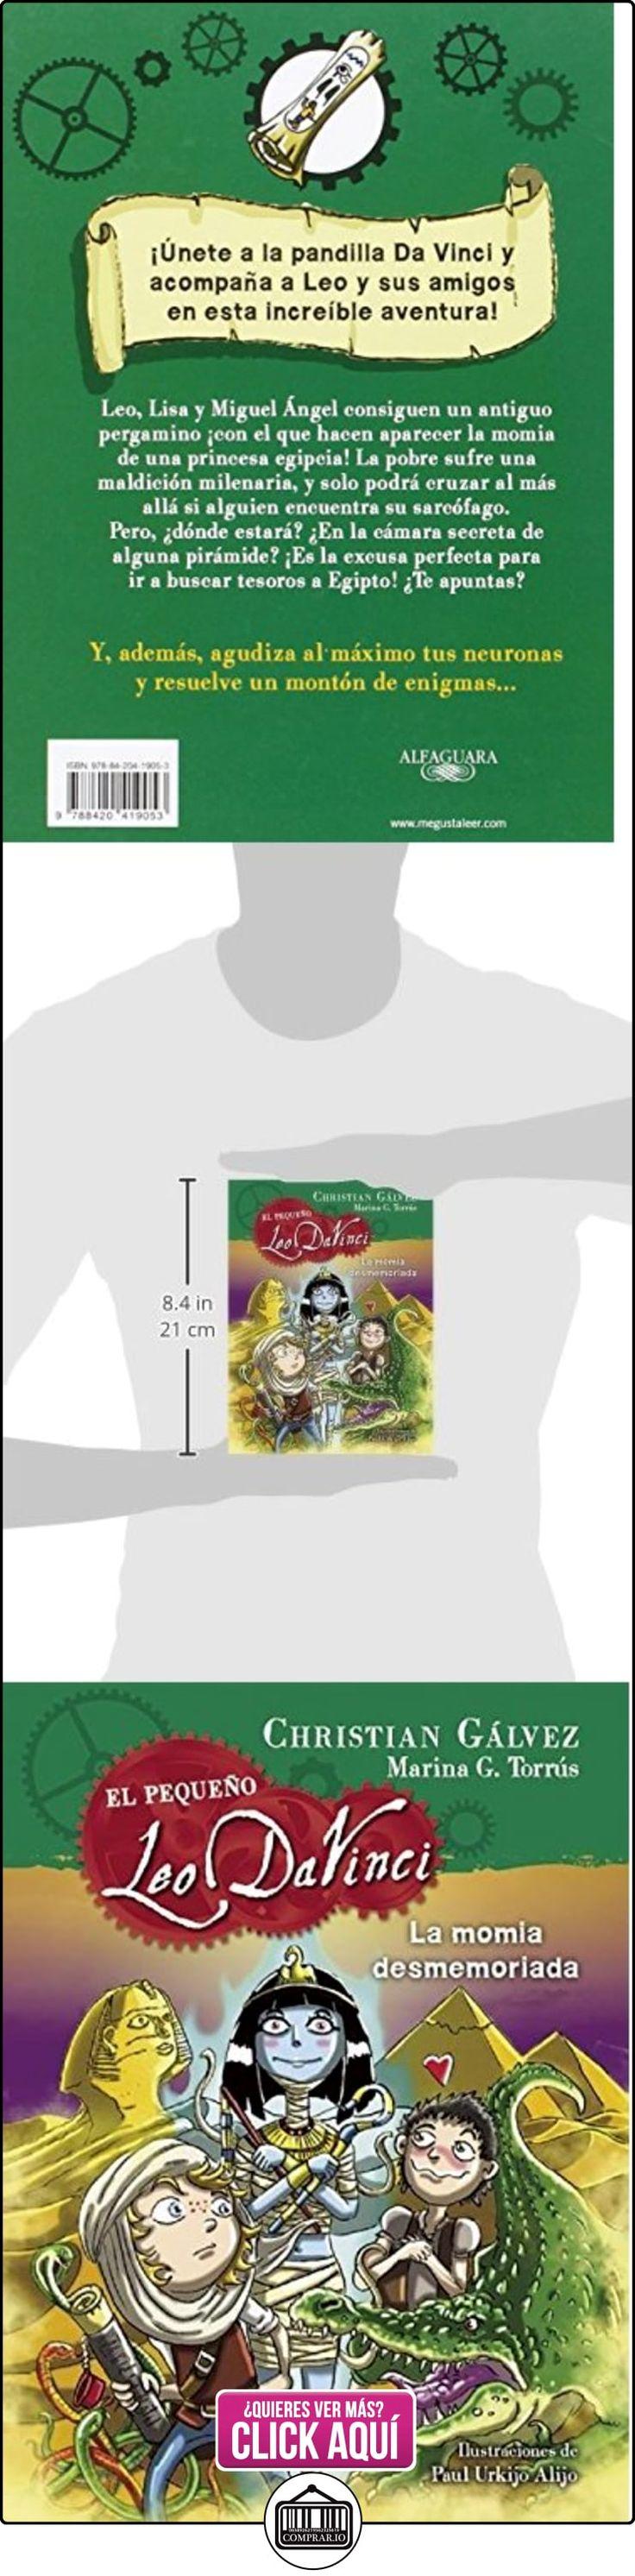 La Momia Desmemoriada. El Pequeño Leo Da Vinci 6 CHRISTIAN GALVEZ ✿ Libros infantiles y juveniles - (De 6 a 9 años) ✿ ▬► Ver oferta: http://comprar.io/goto/8420419052